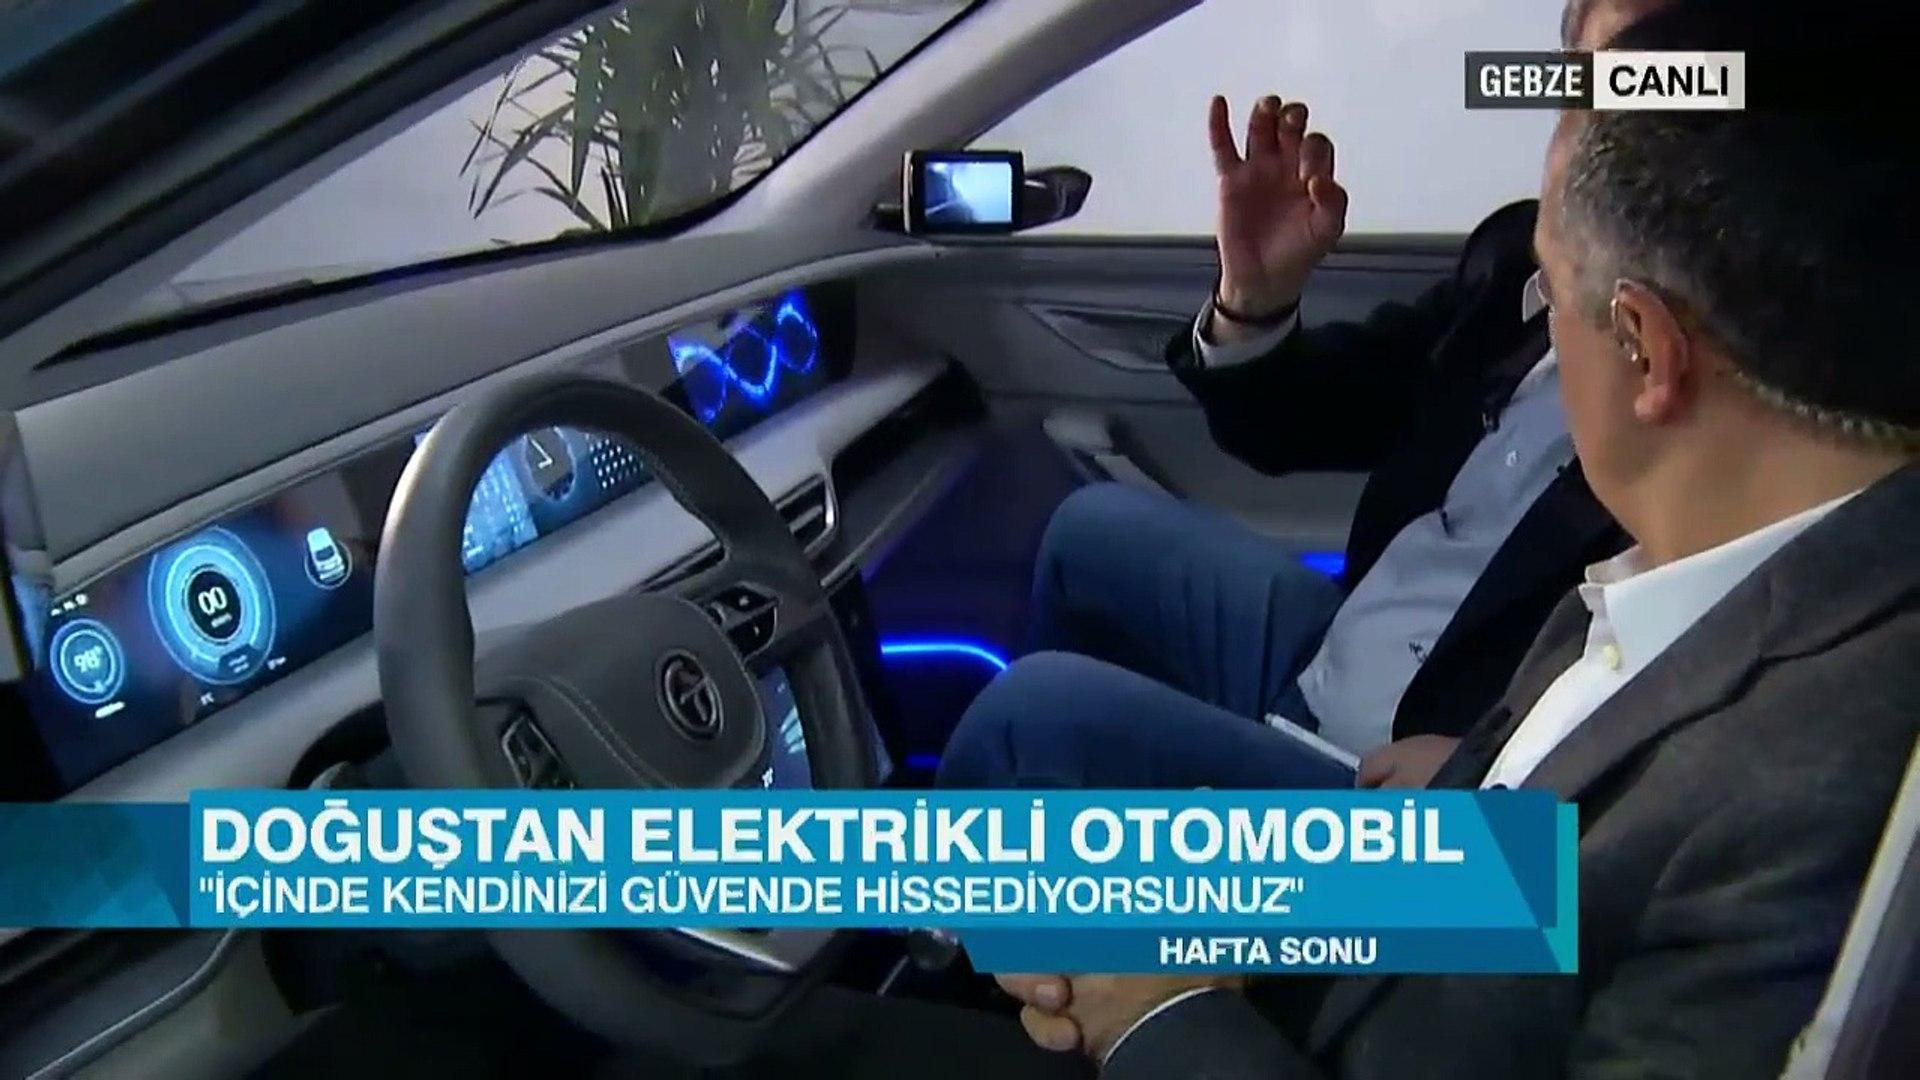 TOGG yerli otomobilin tasarımı ve iç dizaynı CNN TÜRK'te tanıtıldı